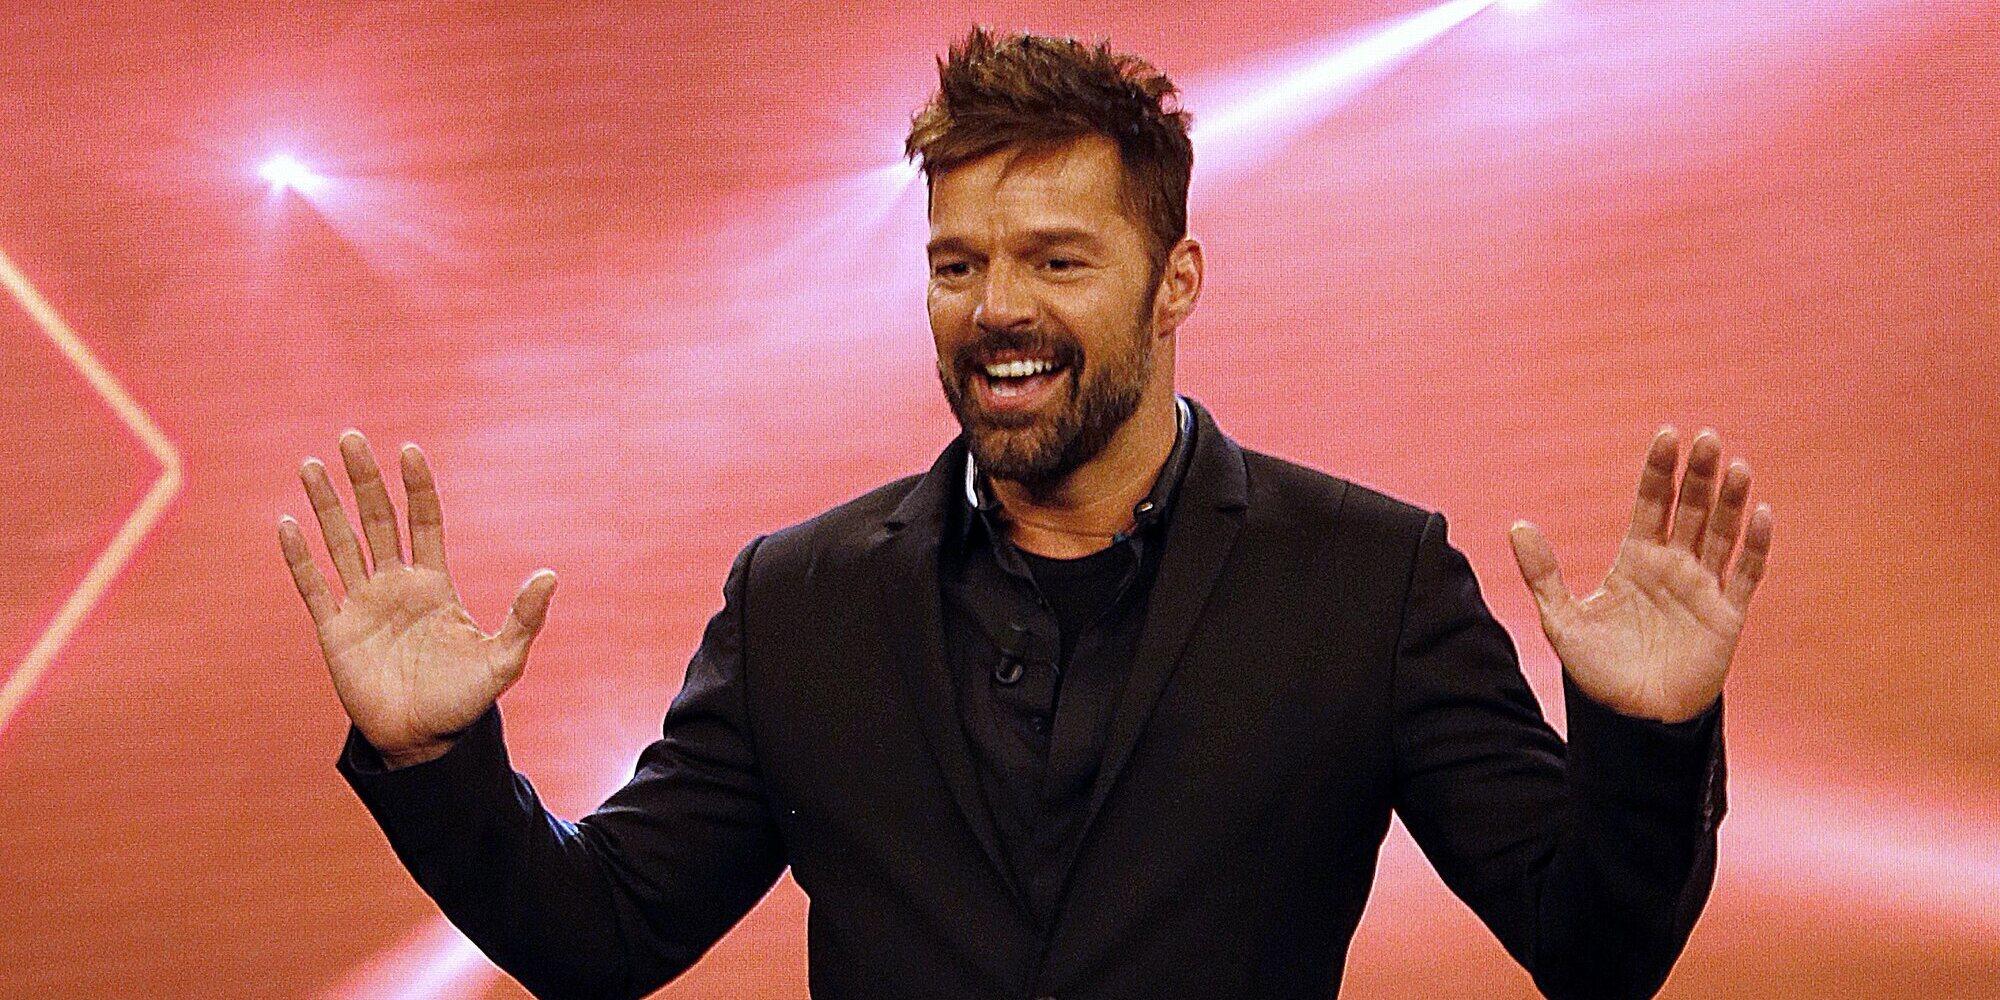 Natalia Lacunza, Maldita Nerea y Ricky Martin, las novedades musicales de la semana